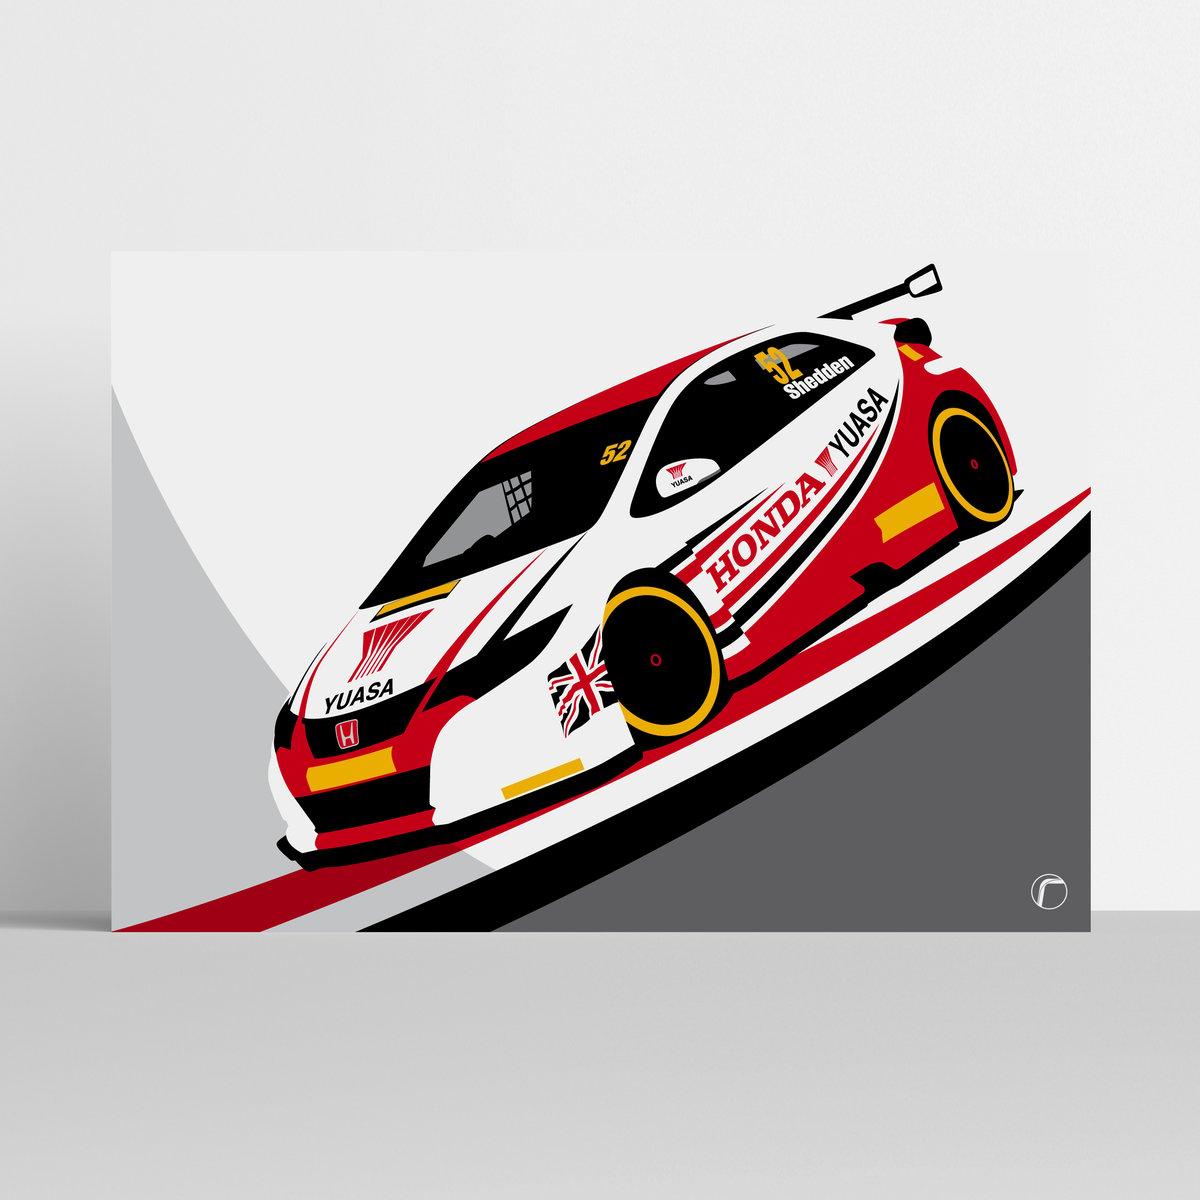 Image of Honda Yuasa | Gordon Shedden 2015